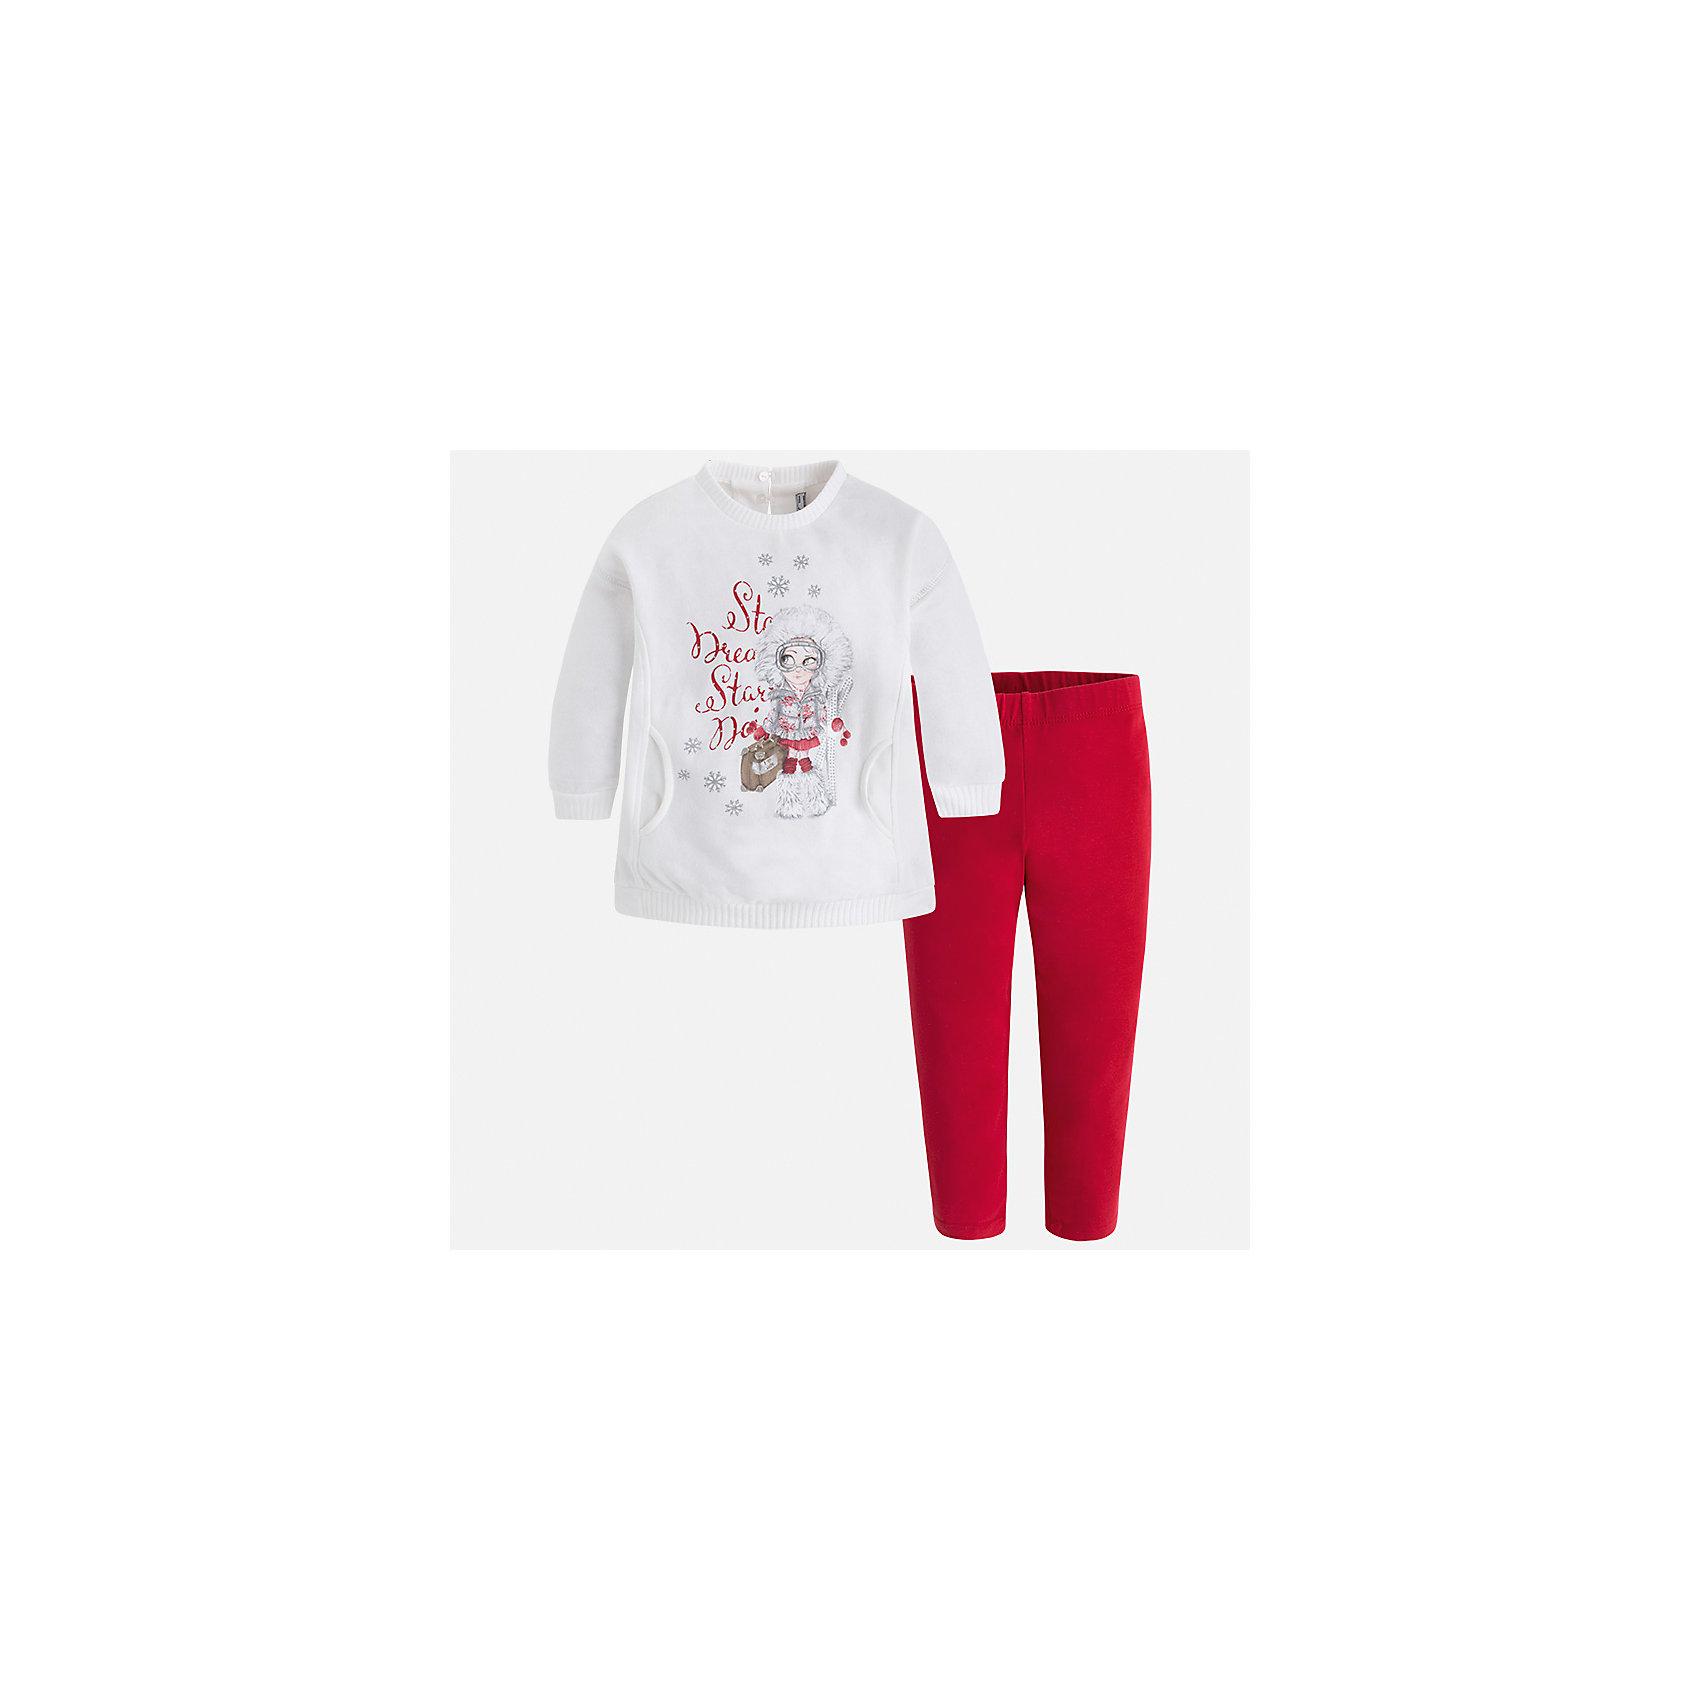 Комплект: футболка с длинным рукавом и леггинсы Mayoral для девочкиБлузки и рубашки<br>Характеристики товара:<br><br>• цвет: красный<br>• комплектация: блузка и леггинсы<br>• состав ткани леггинсов: 57% хлопок, 38% полиэстер, 5% эластан<br>• состав ткани блузки: 45% хлопок, 42% полиэстер, 13% металлизированное волокно<br>• длинные рукава<br>• застежка: пуговица<br>• стразы<br>• пояс: резинка<br>• сезон: круглый год<br>• страна бренда: Испания<br>• страна изготовитель: Индия<br><br>Модный и удобный детский комплект от известного испанского бренда Mayoral - это блузка с принтом и однотонные эластичные леггинсы. Такое сочетание является очень актуальным в наступающем сезоне.<br><br>Детская одежда от испанской компании Mayoral отличаются оригинальным и всегда стильным дизайном. Качество продукции неизменно очень высокое.<br><br>Комплект: блузка и леггинсы для девочки Mayoral (Майорал) можно купить в нашем интернет-магазине.<br><br>Ширина мм: 123<br>Глубина мм: 10<br>Высота мм: 149<br>Вес г: 209<br>Цвет: красный<br>Возраст от месяцев: 96<br>Возраст до месяцев: 108<br>Пол: Женский<br>Возраст: Детский<br>Размер: 134,92,98,104,110,116,122,128<br>SKU: 6922787